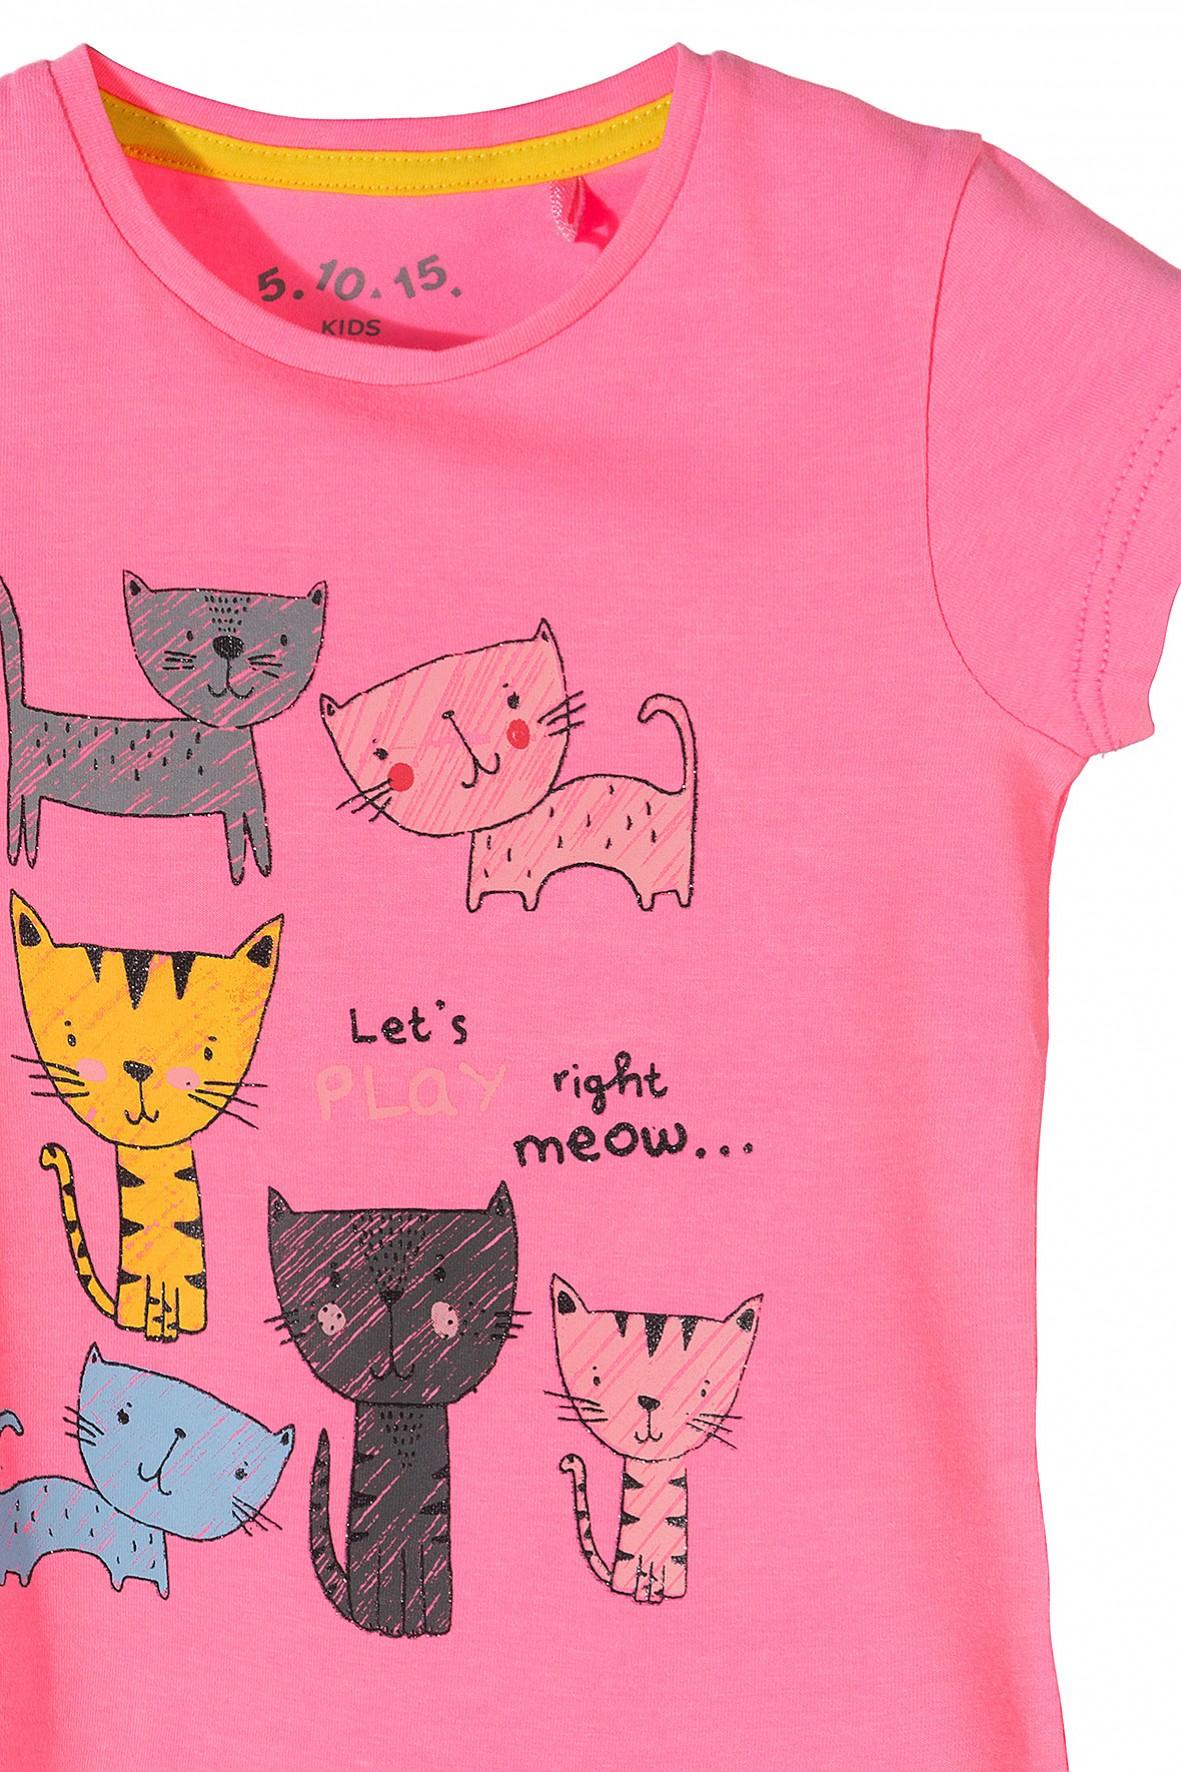 d4392159cb Koszulka dziewczęca różowa z kotami · Koszulka dziewczęca różowa z kotami  ...